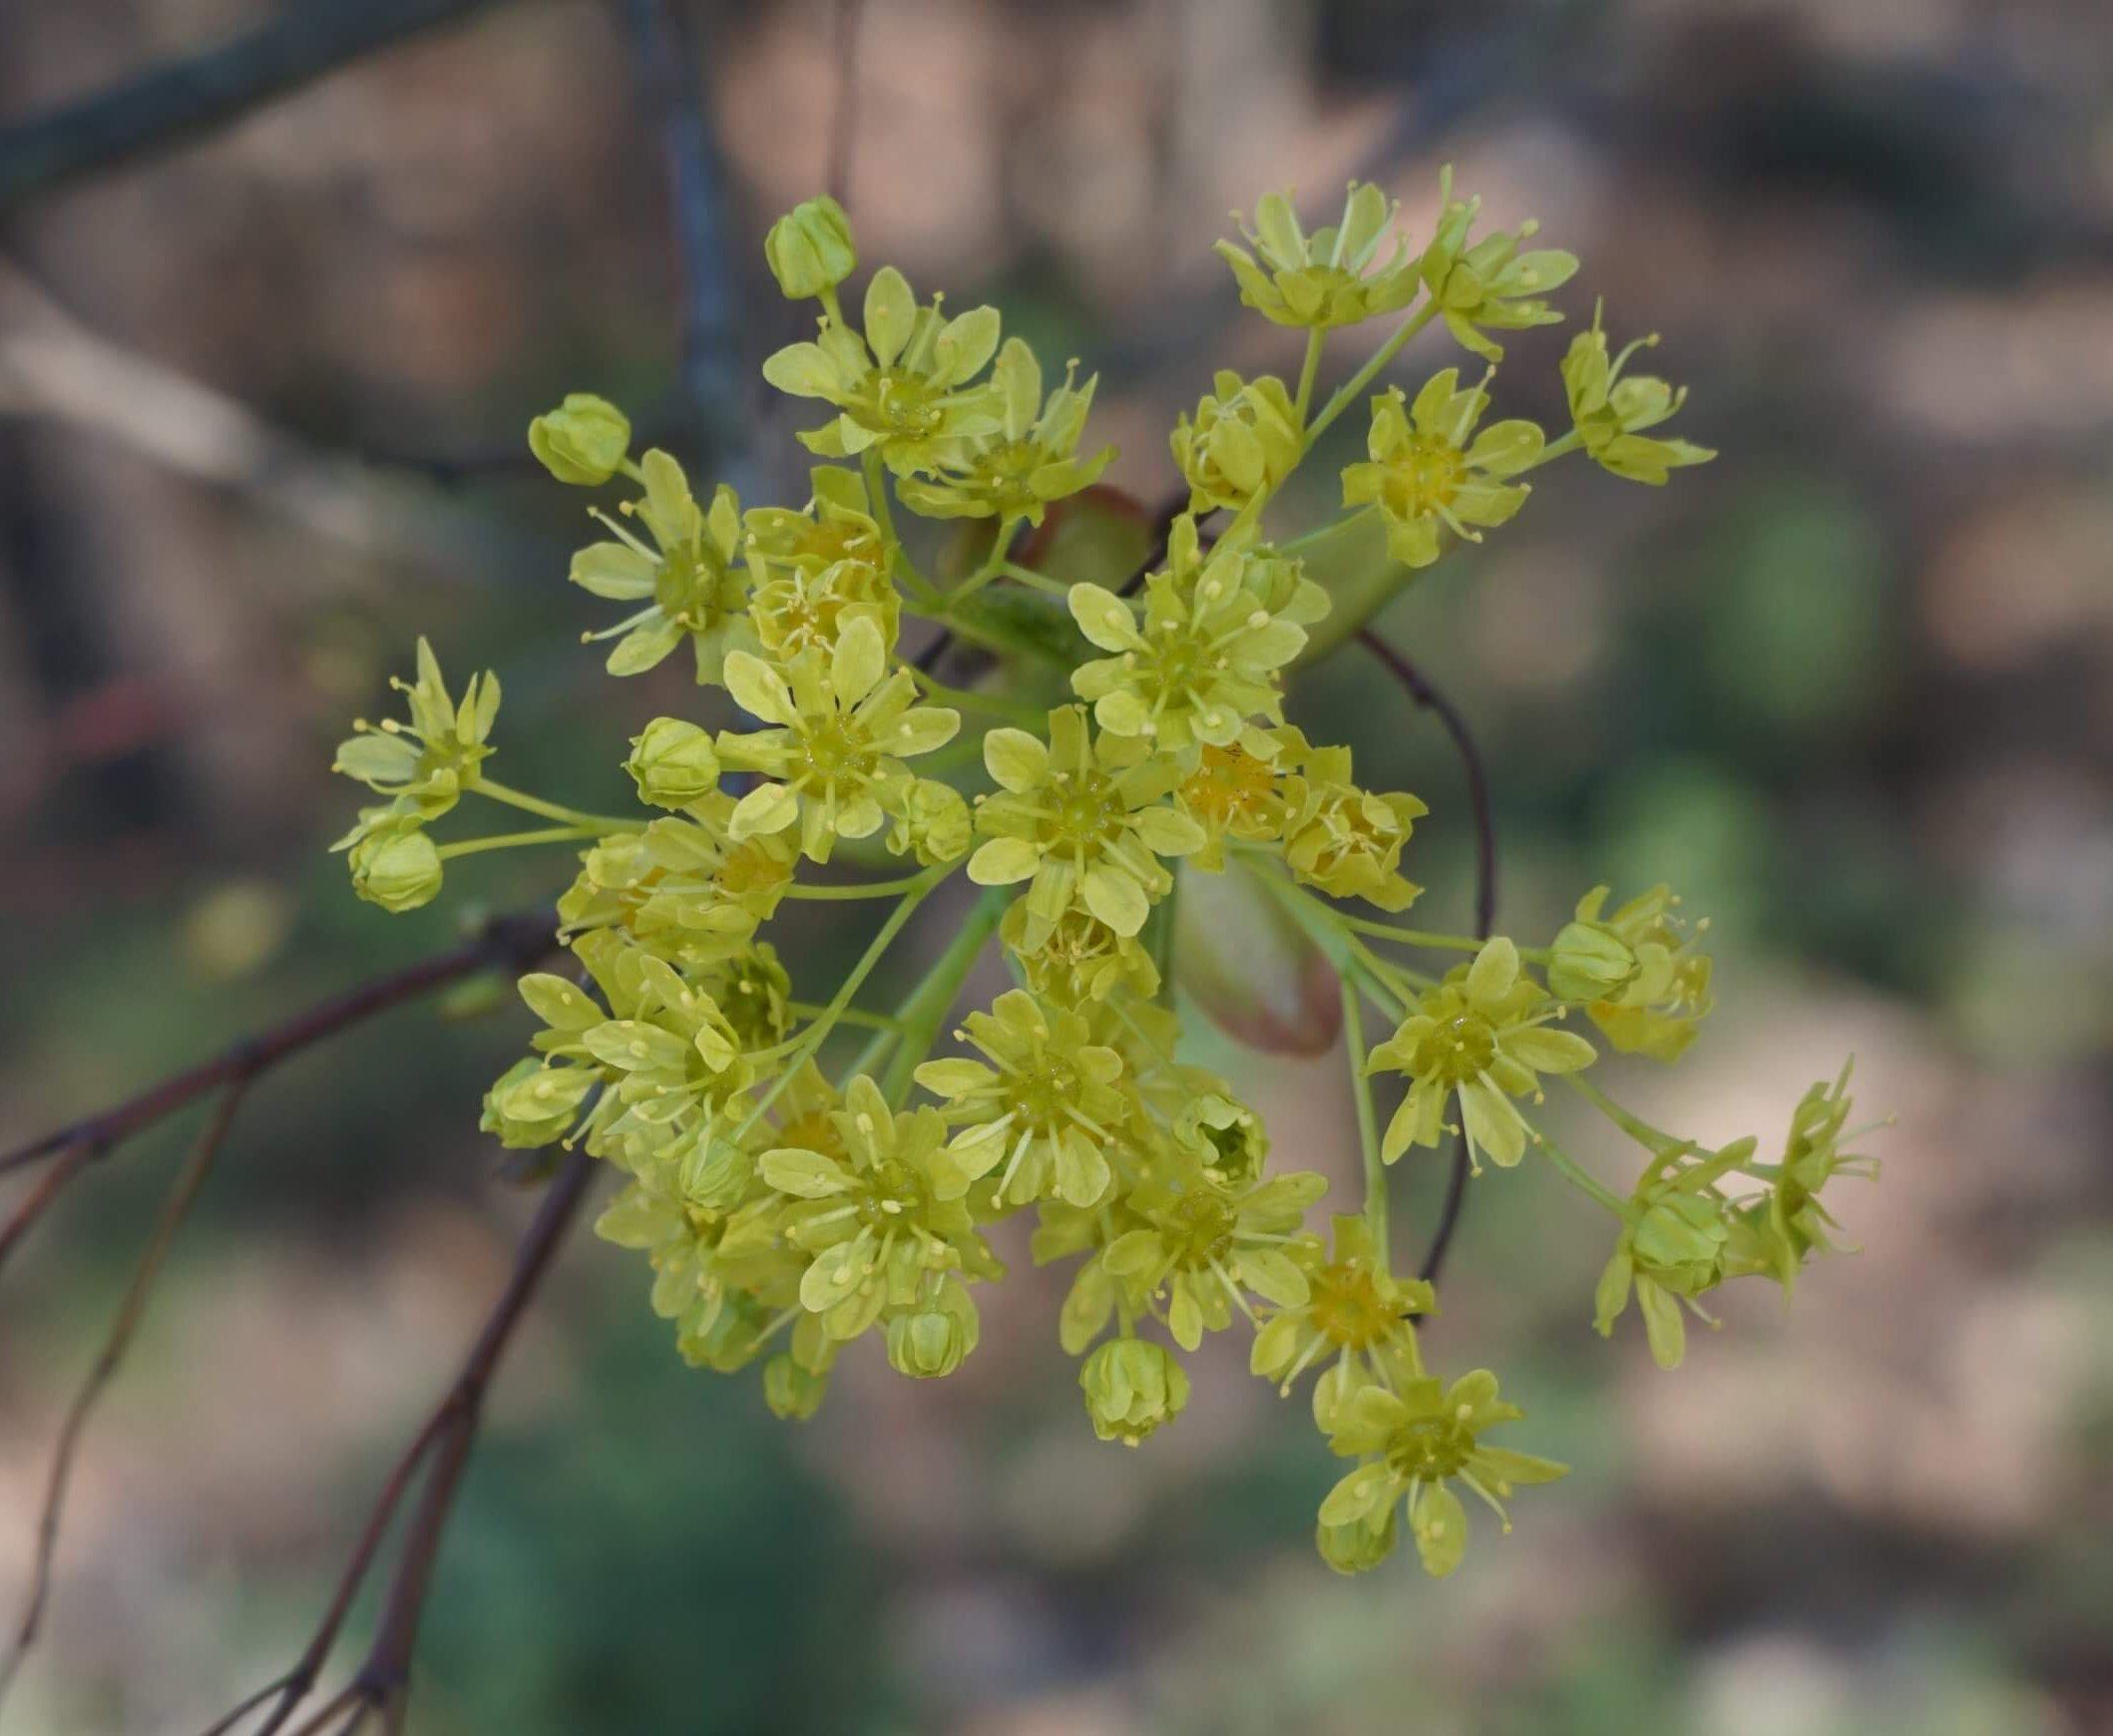 Das Bild zeigt die gelbgrüne Blütenrispe eines Spitz-Ahorns in Müggelheim.